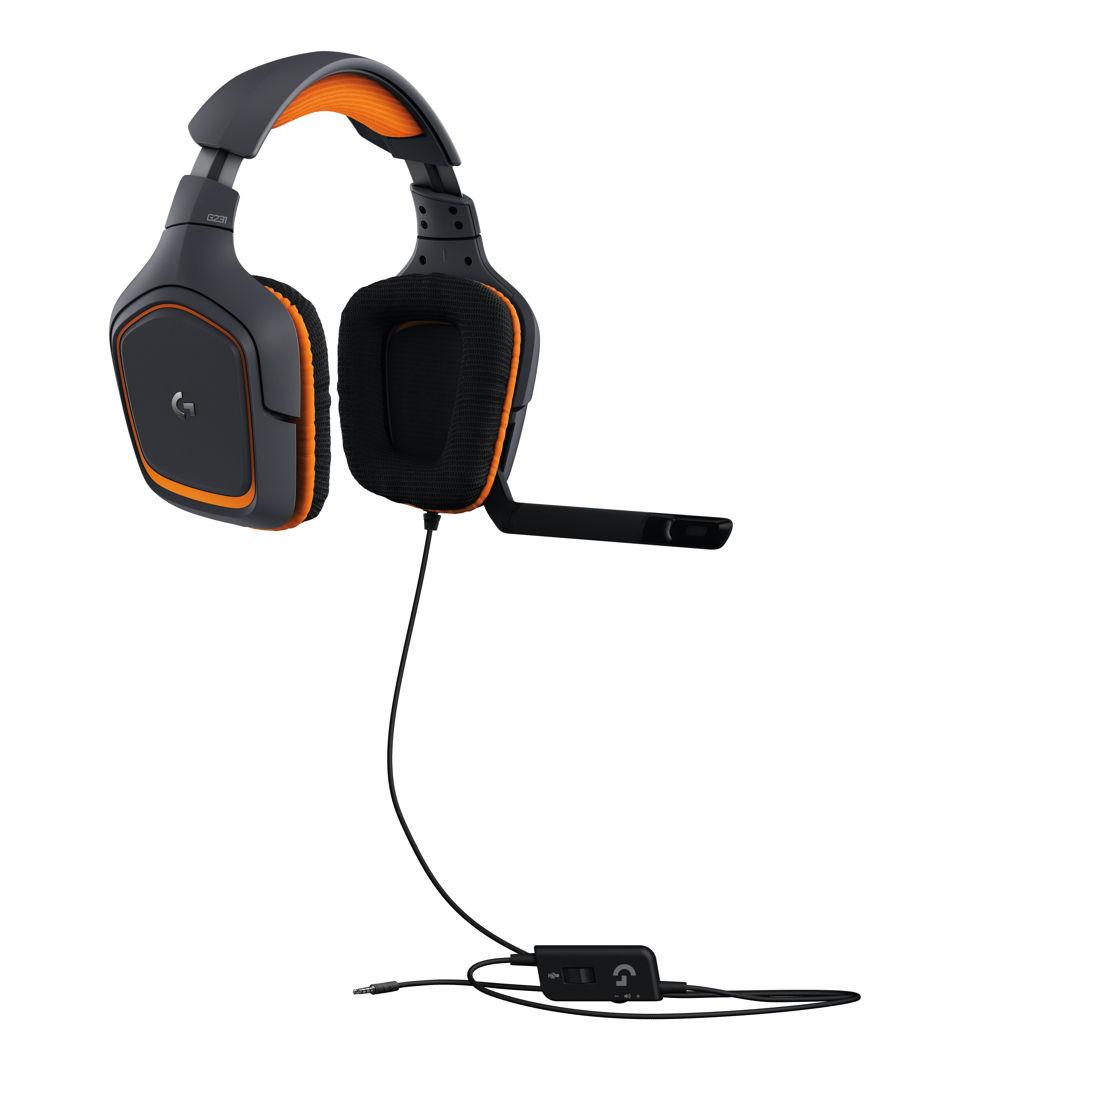 Auriculares con micrófono para juegos Logitech® G231 Prodigy